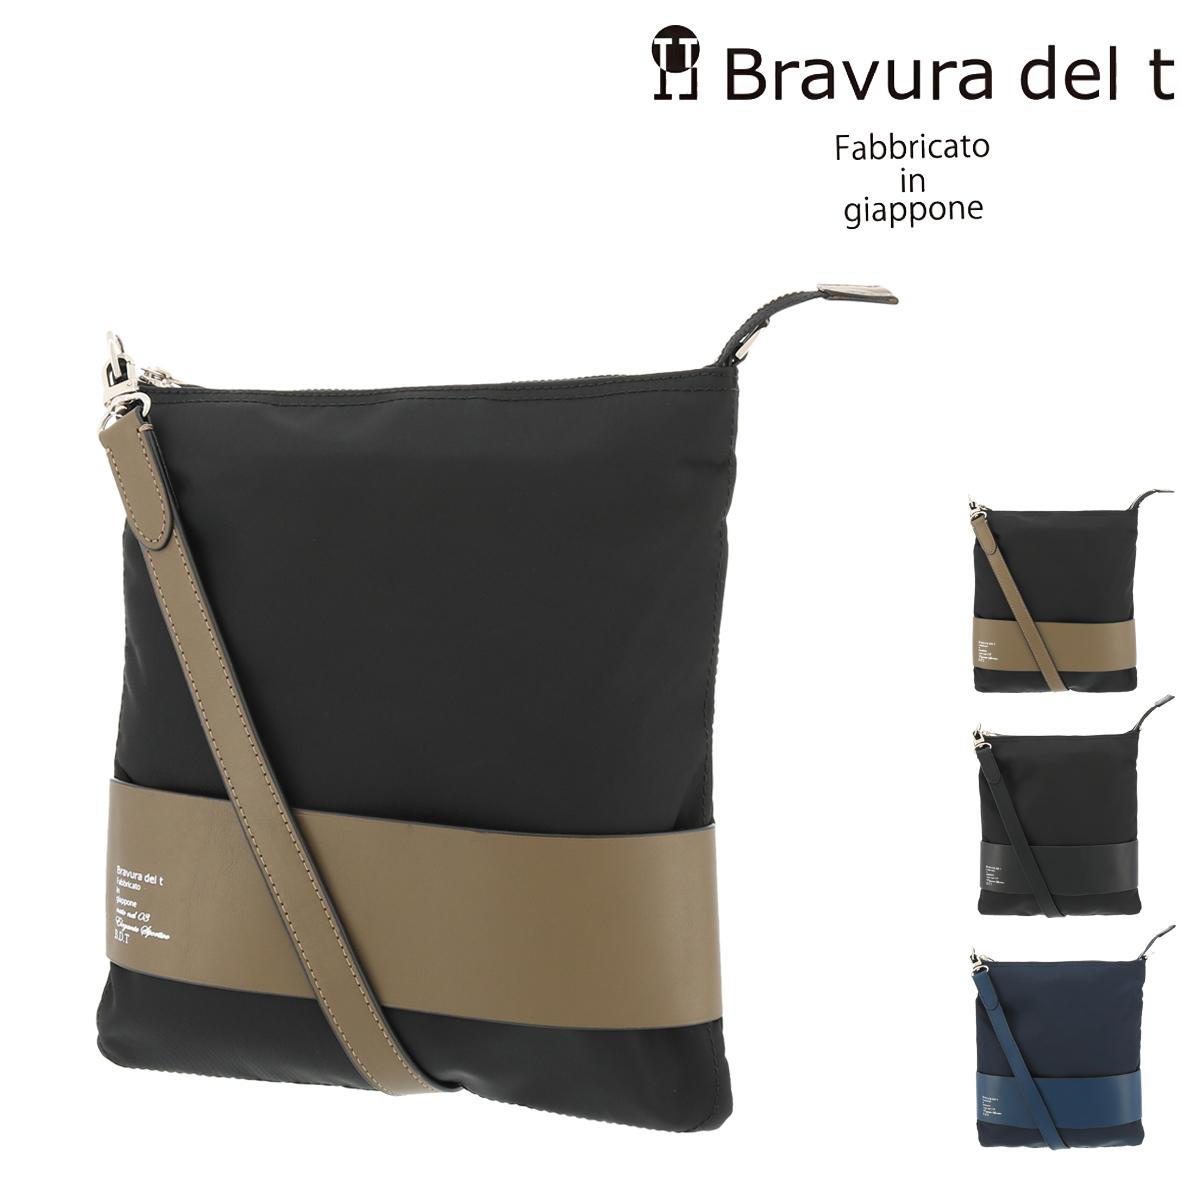 ブラビューラ デルティ ショルダーバッグ 縦型 メンズ11018 日本製 Bravura del t   斜めがけ